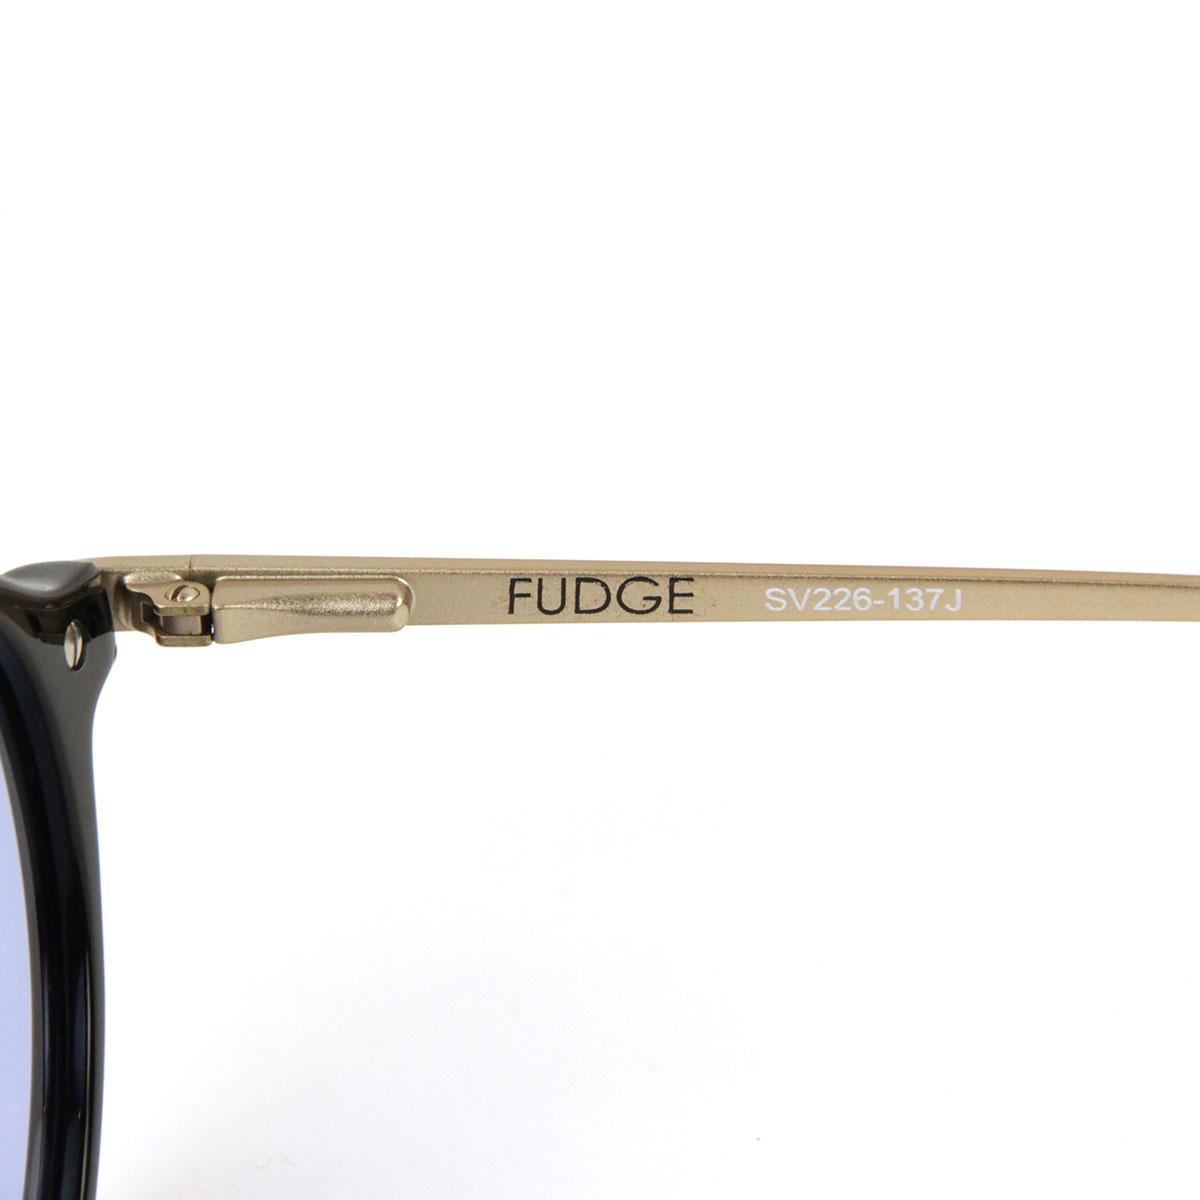 セイバー SABRE 正規販売店 サングラス めがね THE FUDGE BLACK-MATTE GOLD METAL FRAME LIGHT BLUE LENS SUNGLASS SV226-137J A55B B3C C3D D1E E13F